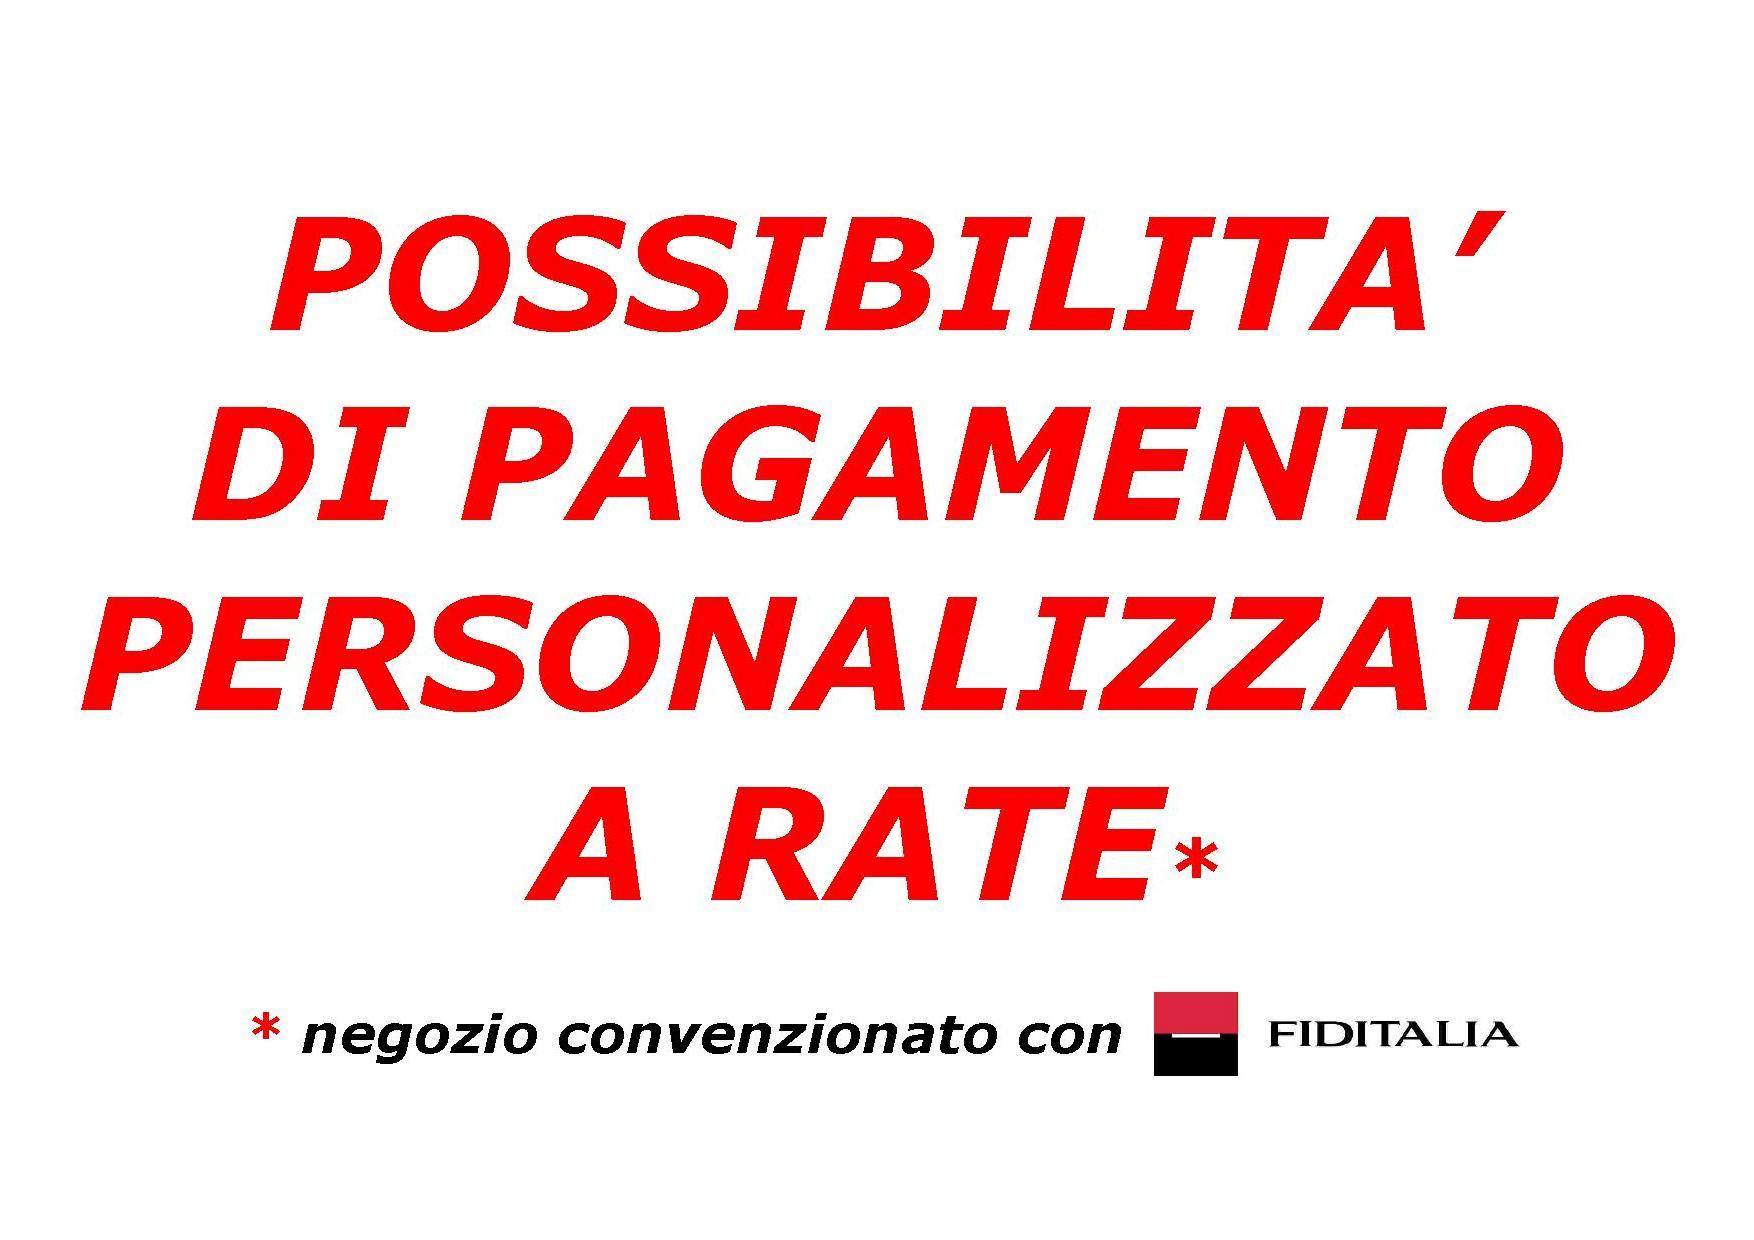 PUBBLICITA' RATE